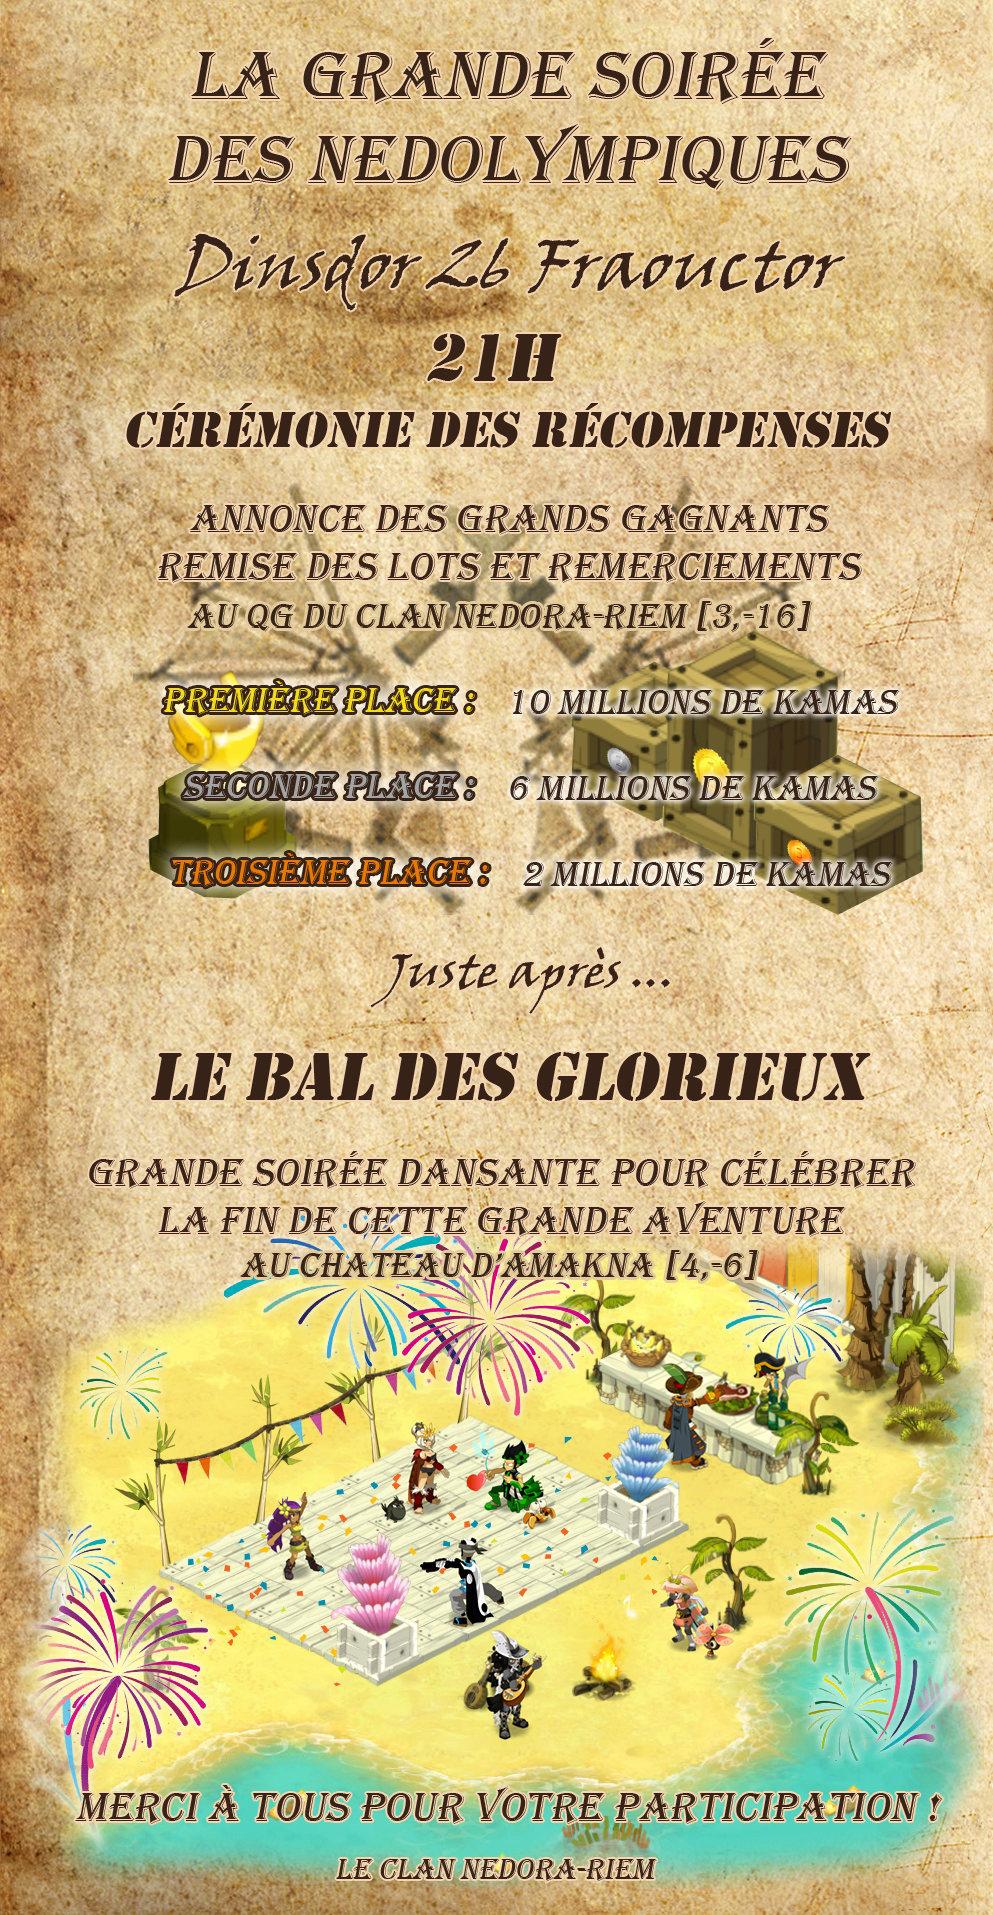 [Nedolympiques 648 - 26/08/648] Cérémonie de clôture des Nedolympiques & Le bal des glorieux Clotur12